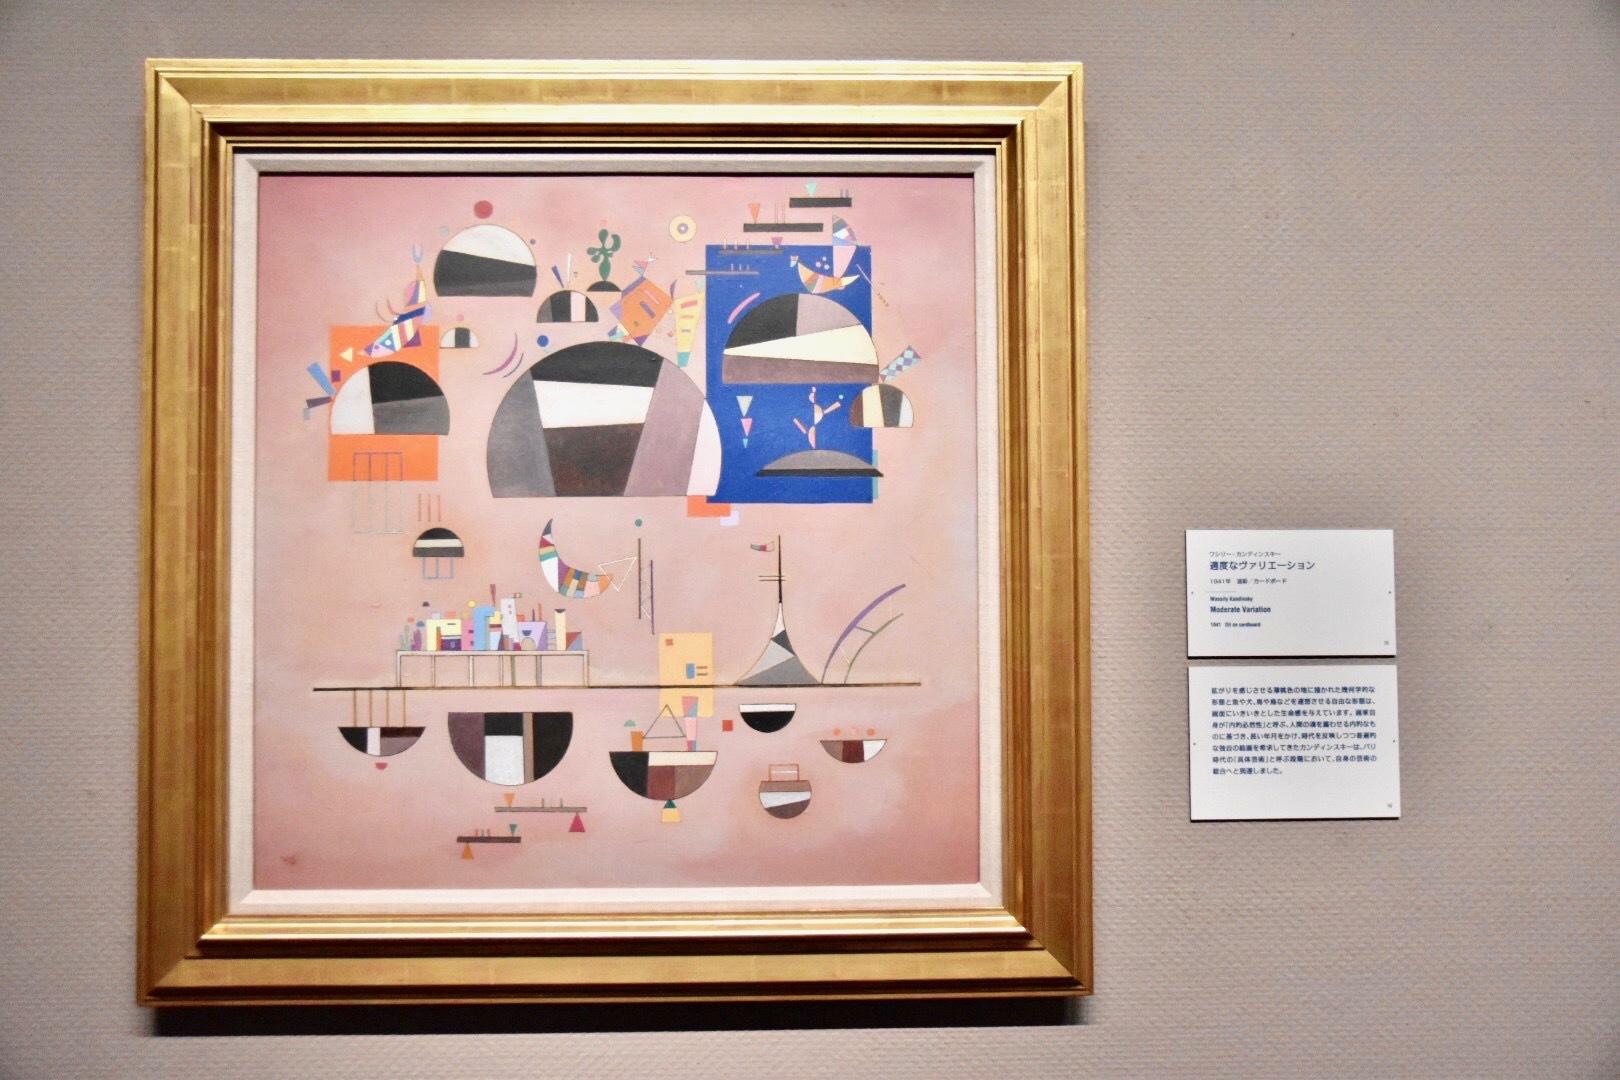 ワシリー・カンディンスキー 《過度なヴァリエーション》 1941年 吉野石膏コレクション